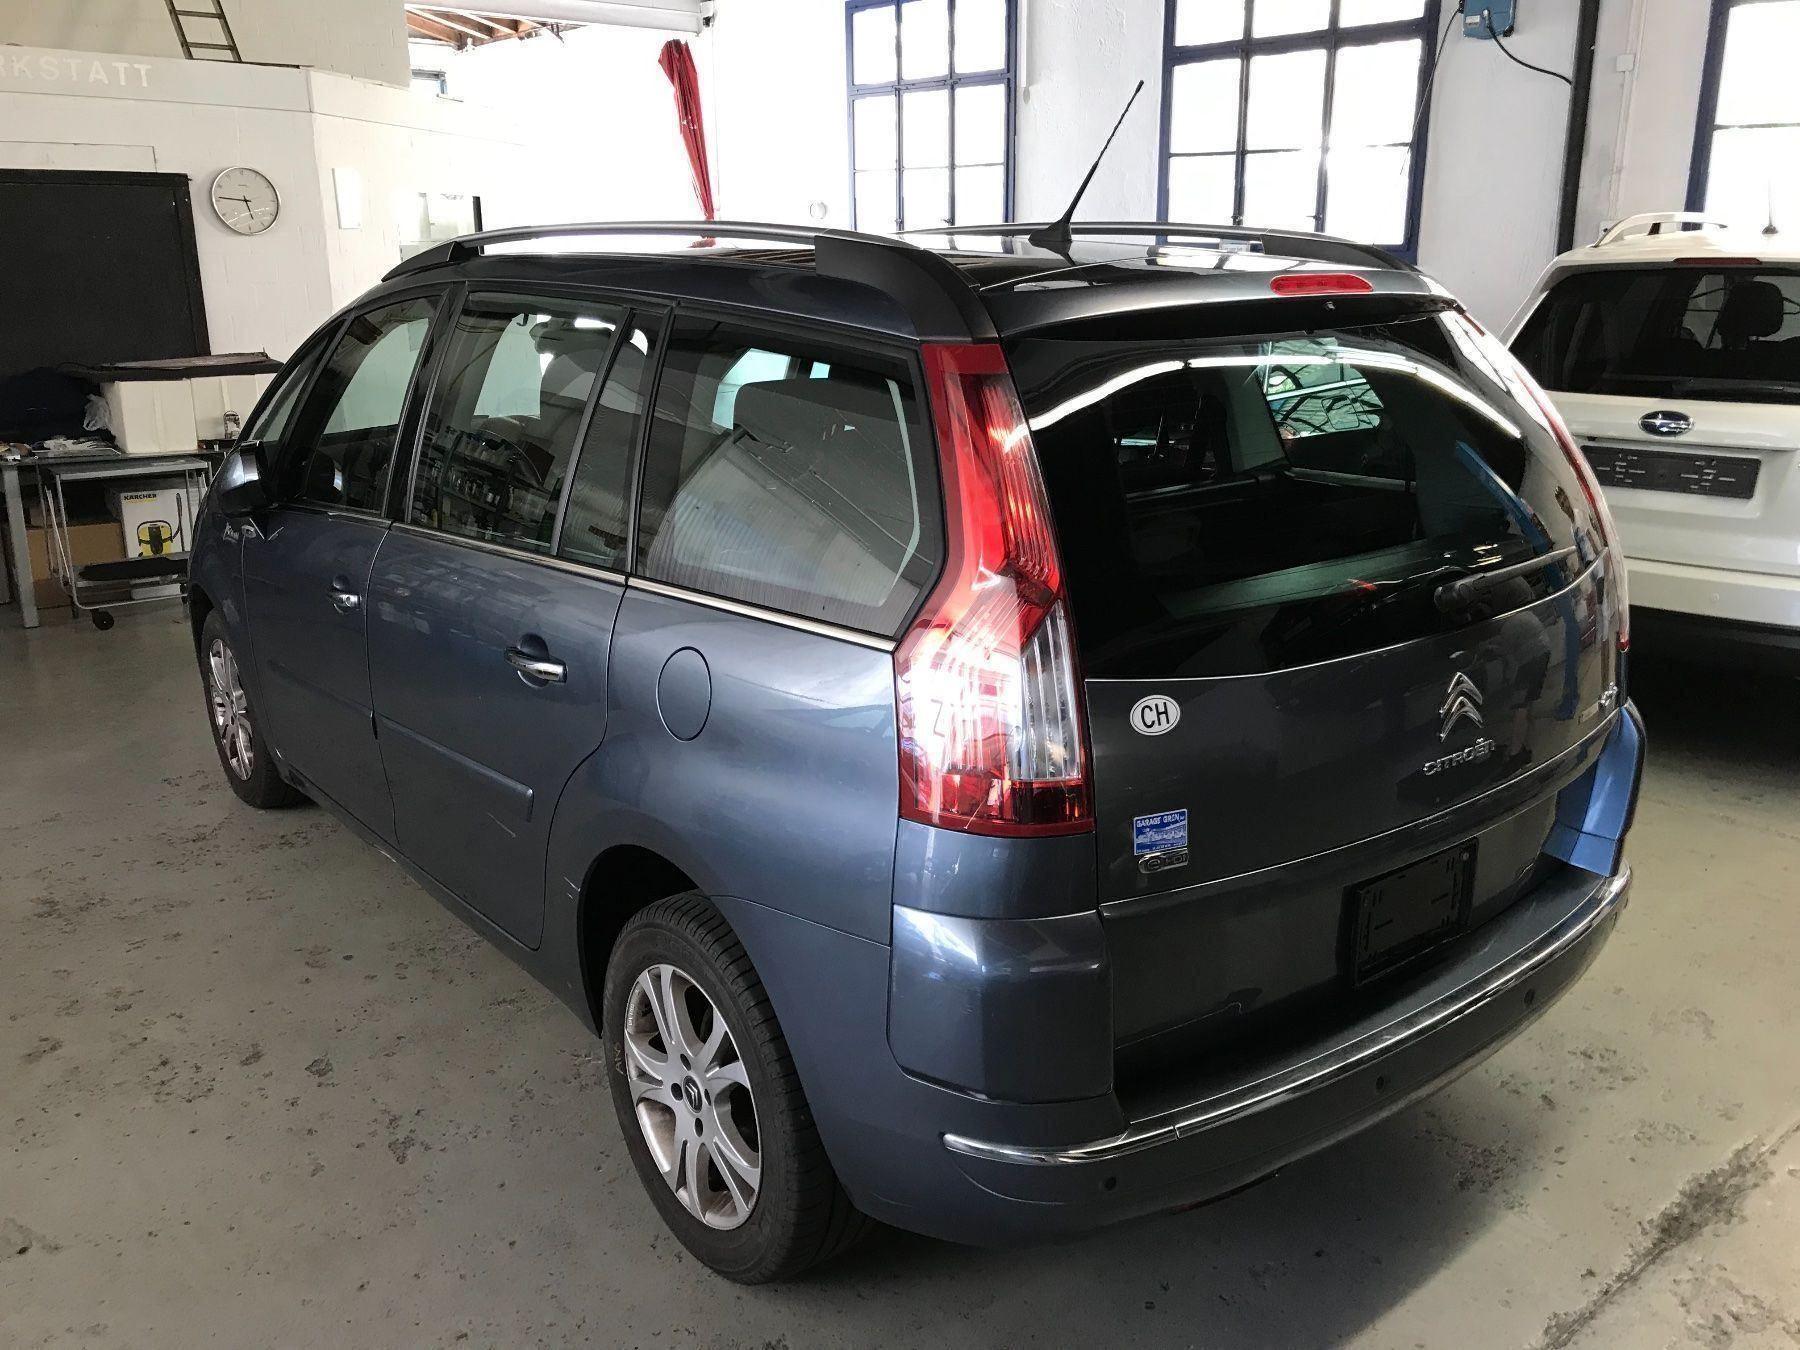 Citroën C4 Grand Picasso 1.6 e-HDi Attraction 7P.EGS